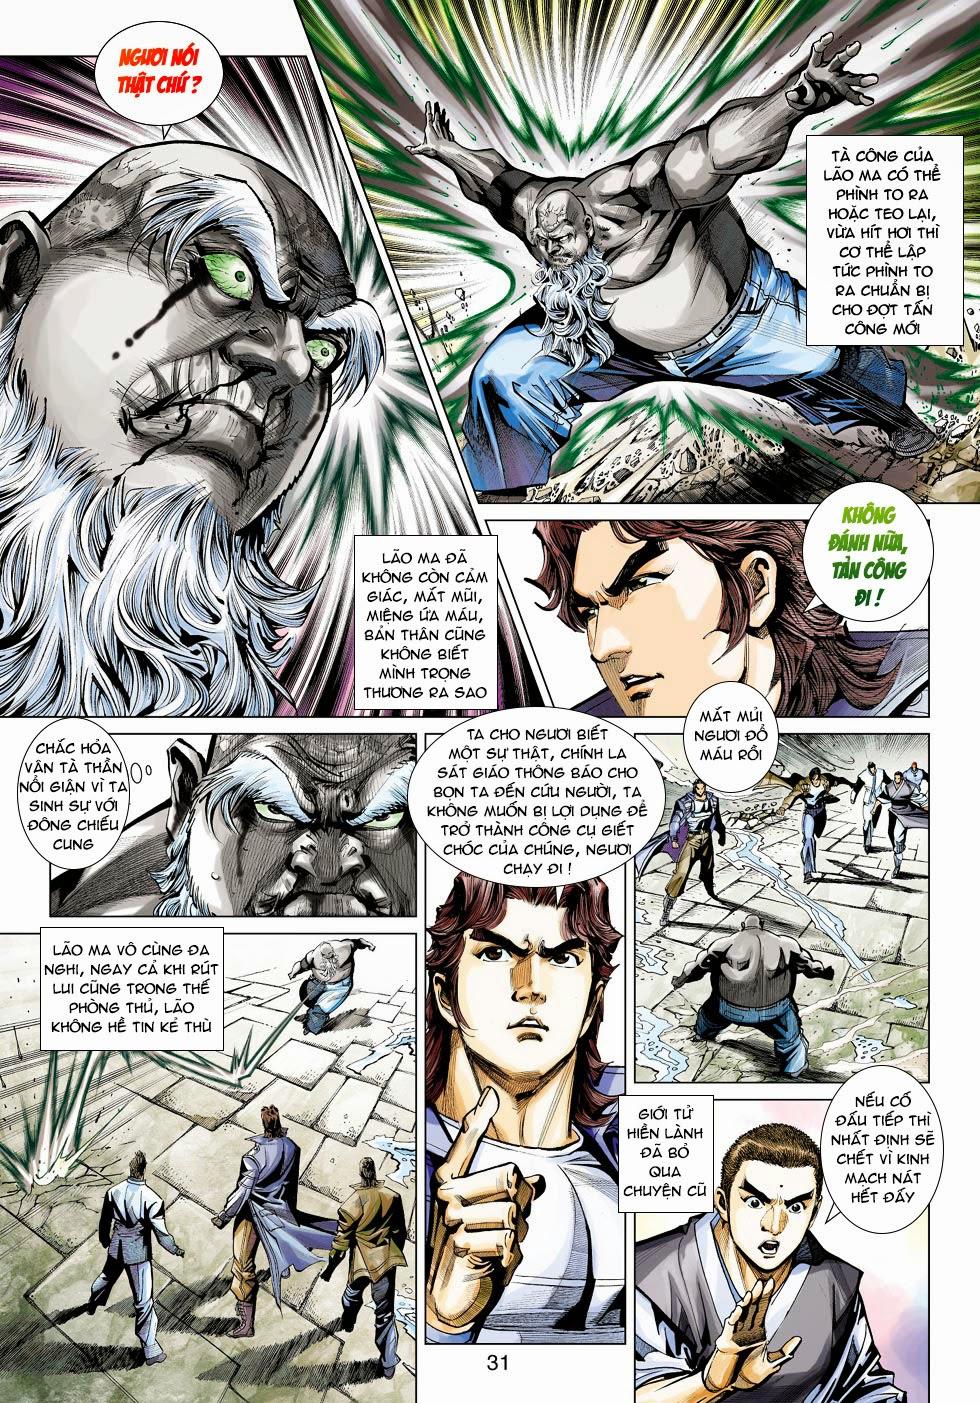 Tân Tác Long Hổ Môn chap 445 - Trang 31